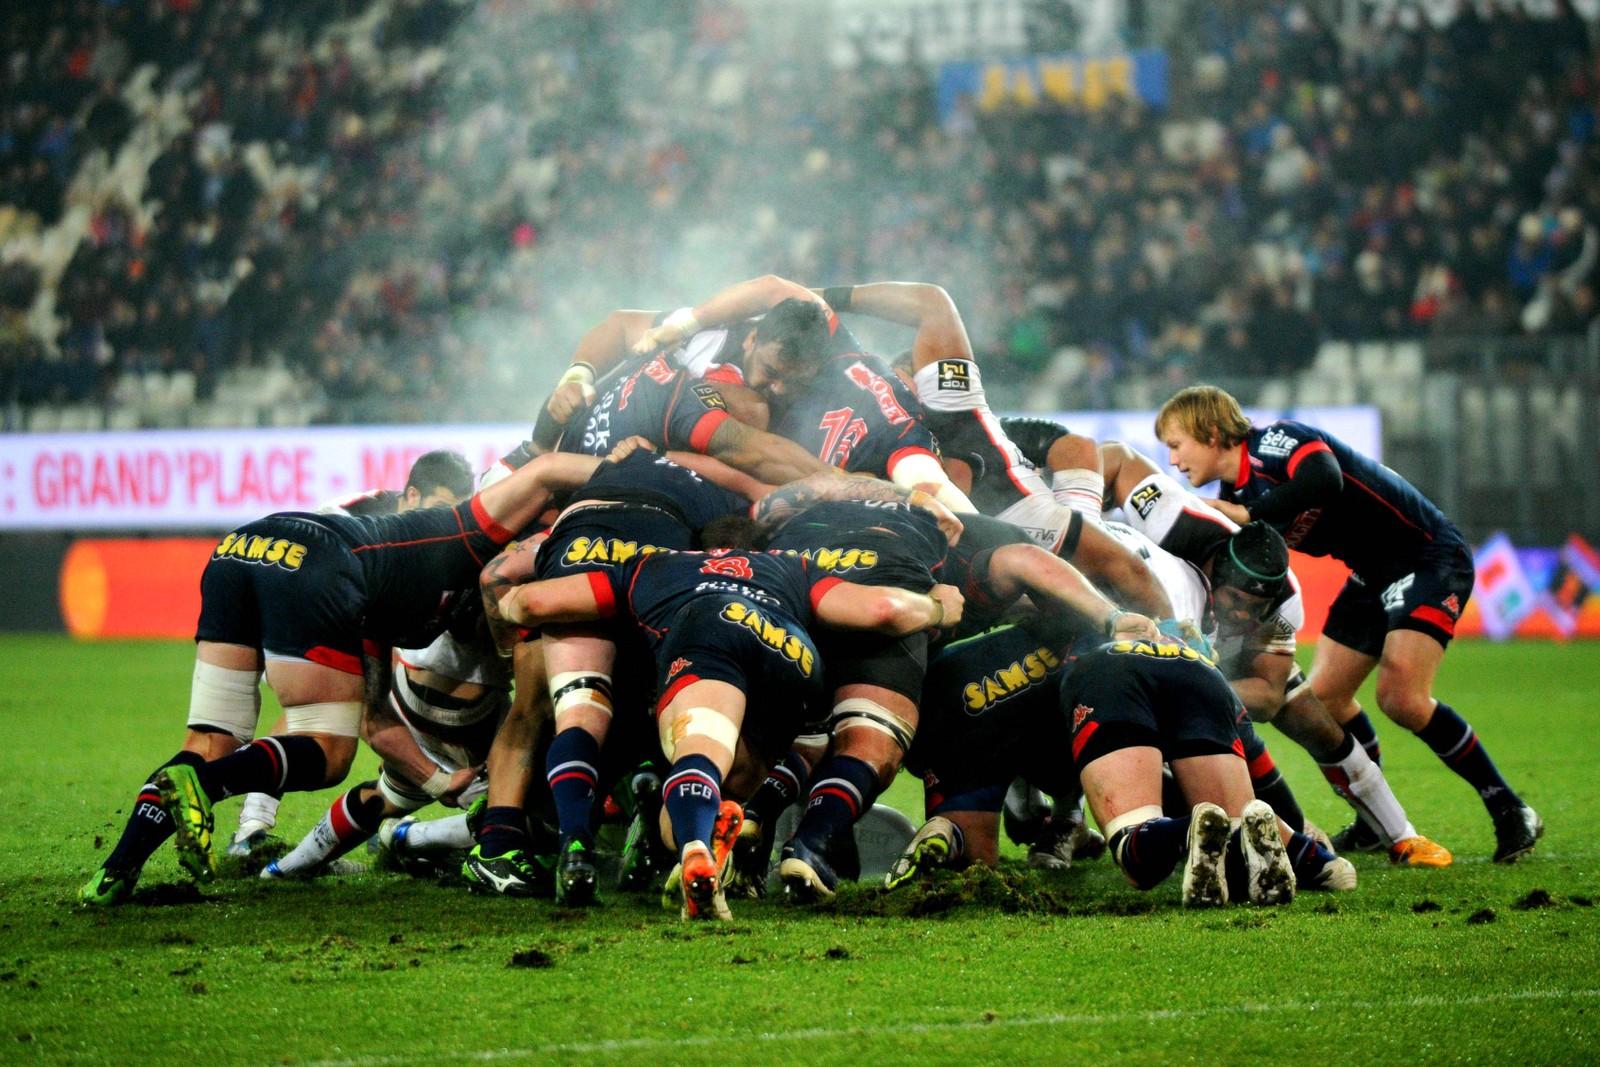 Rugbyspillere fra Grenoble of Stade Toulousain krangler om ballen i Grenoble i Frankrike.